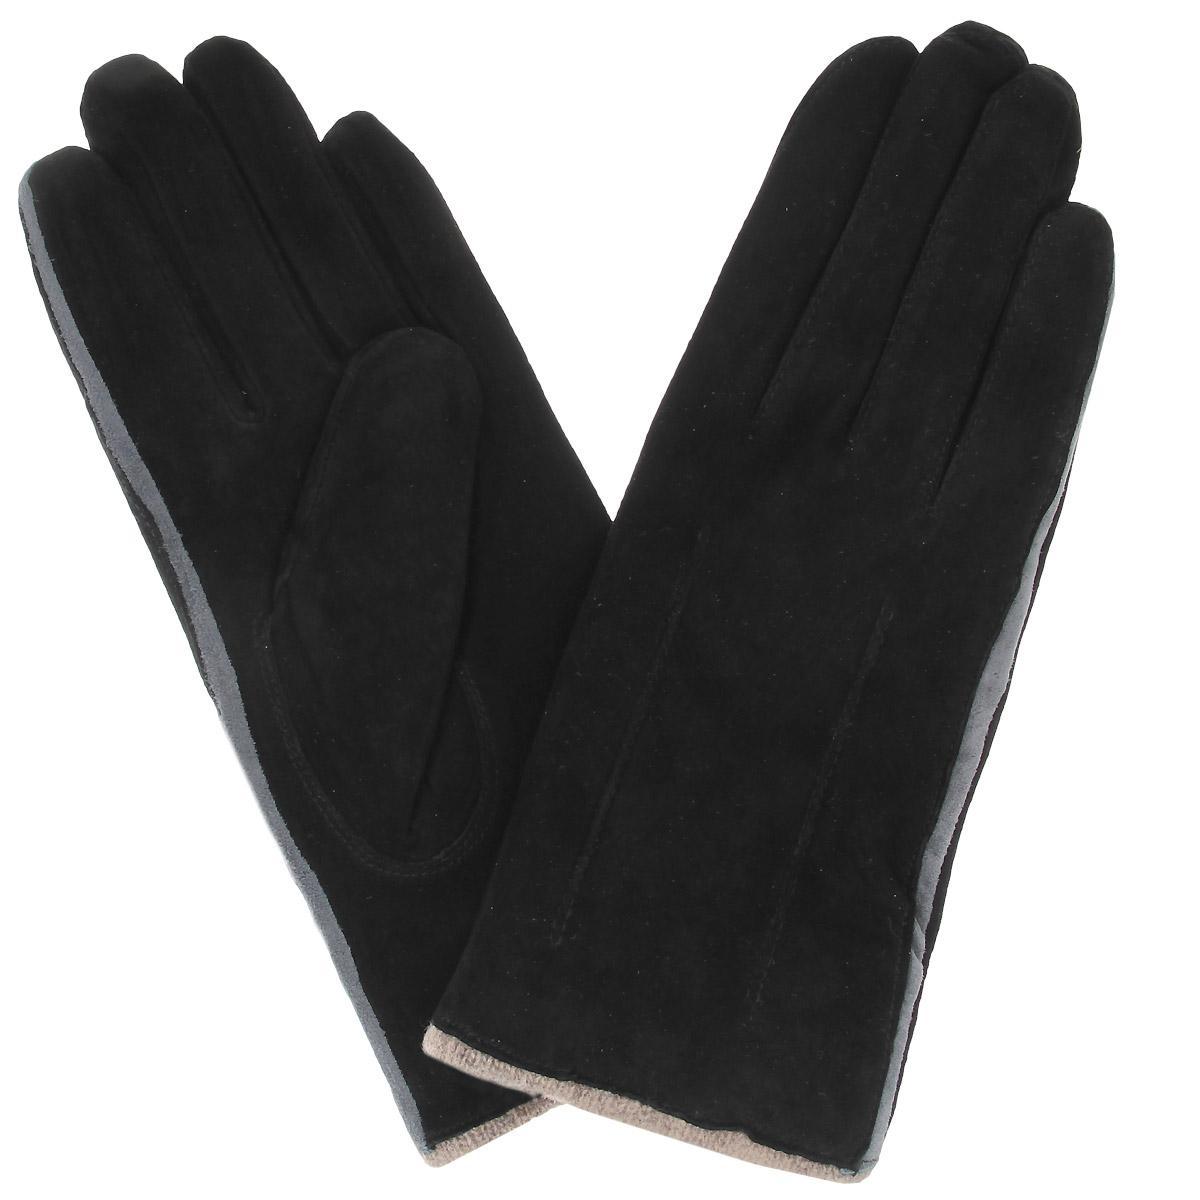 ПерчаткиSP13_FIA/BR.VERDEСтильные перчатки Dali Exclusive с подкладкой из шерсти выполнены из мягкой и приятной на ощупь натуральной замши. Такие перчатки подчеркнут ваш стиль и неповторимость и придадут всему образу нотки женственности и элегантности.